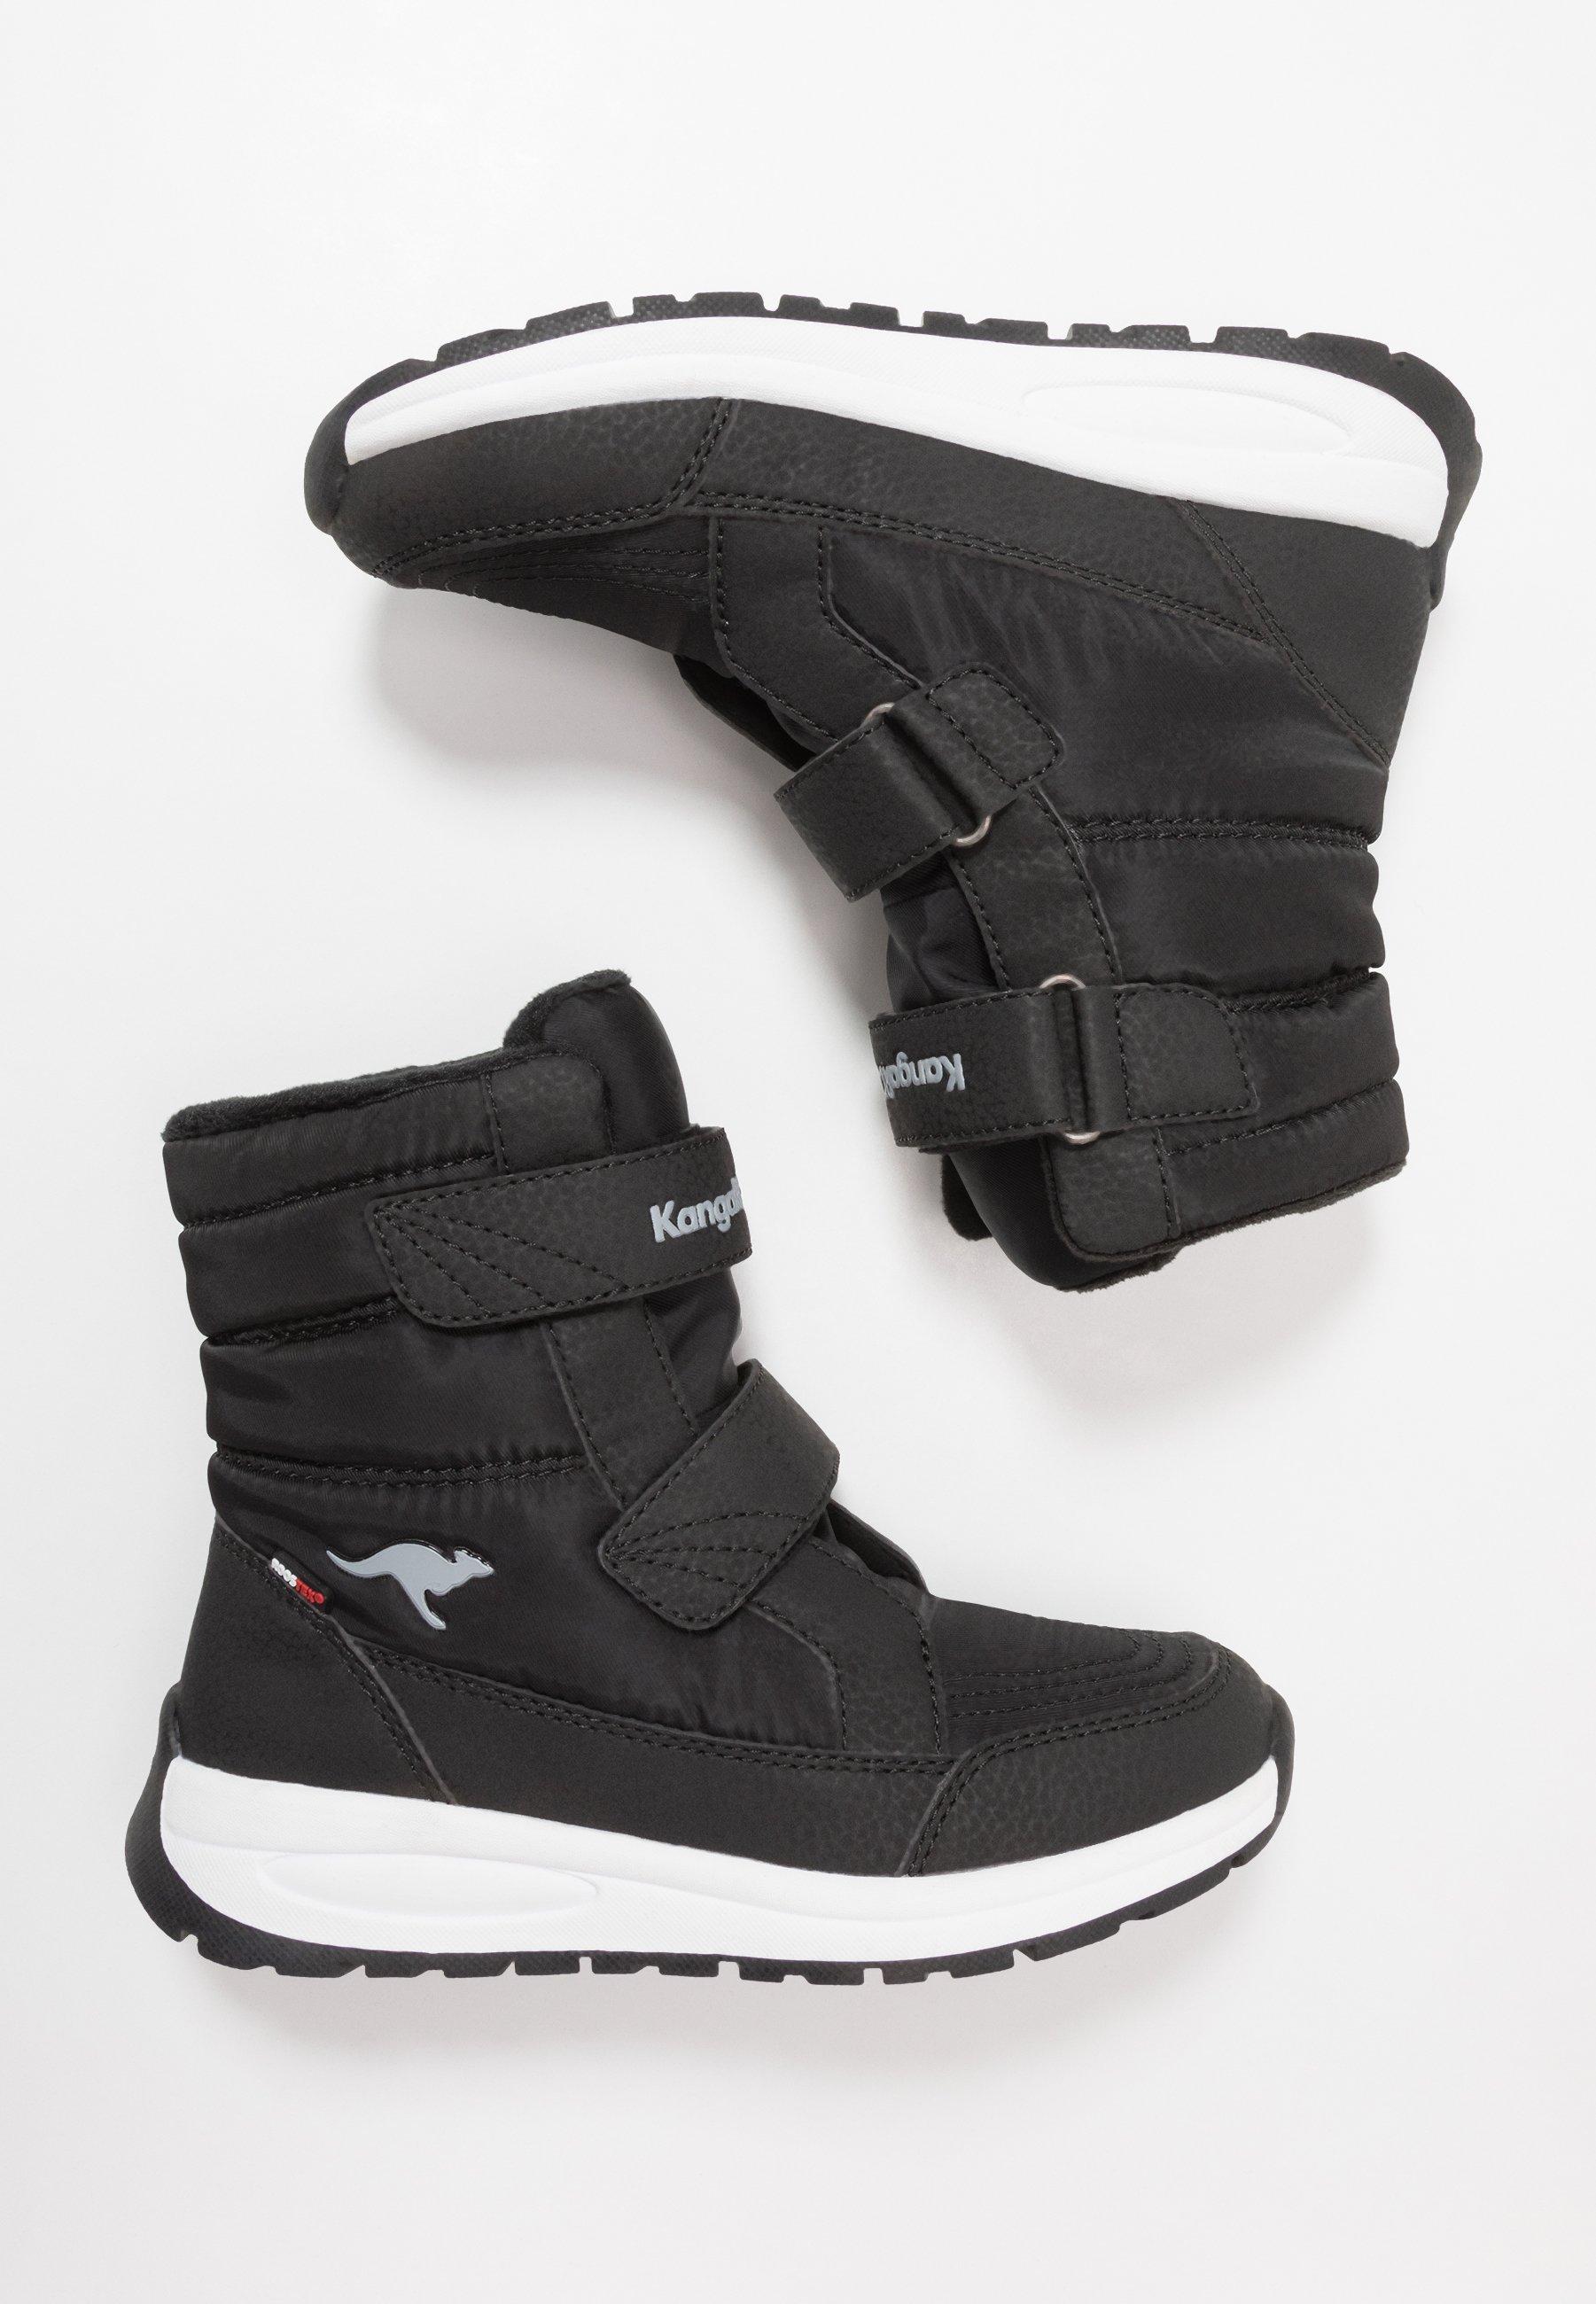 KangaROOS Skor online. Köp dina skor på ZALANDO.se